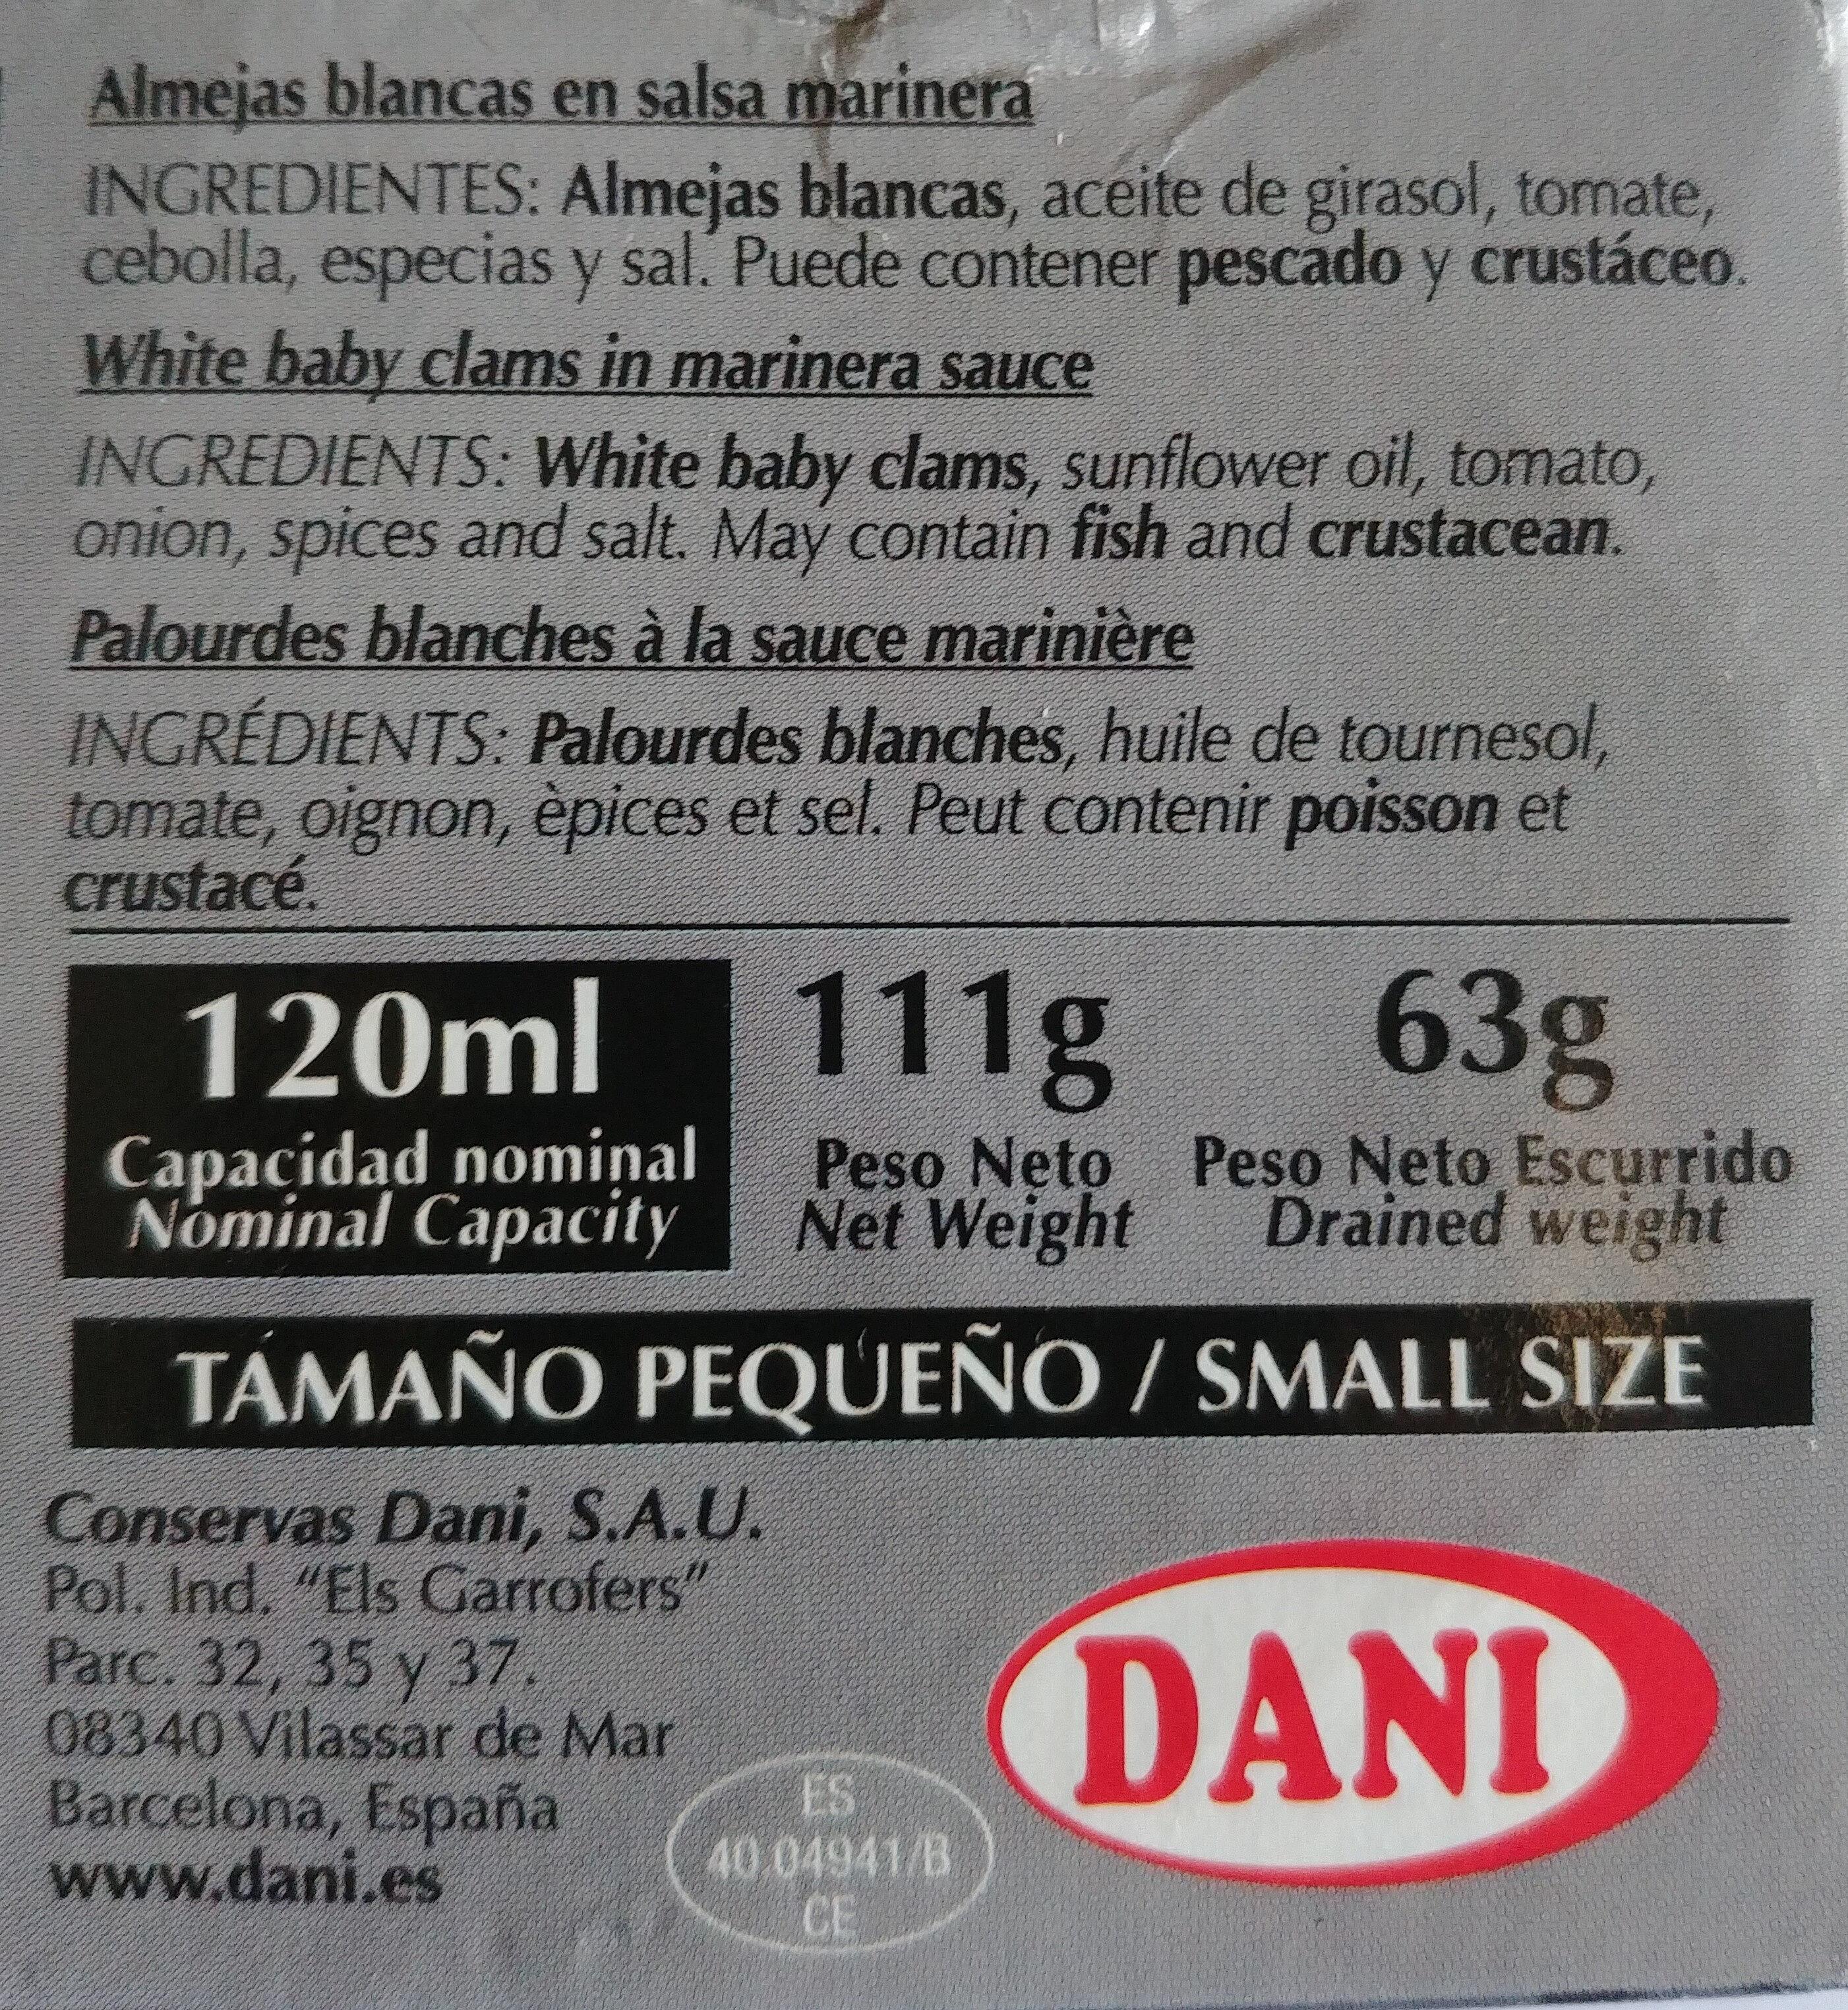 Almejas blancas en salsa marinera - Ingredientes